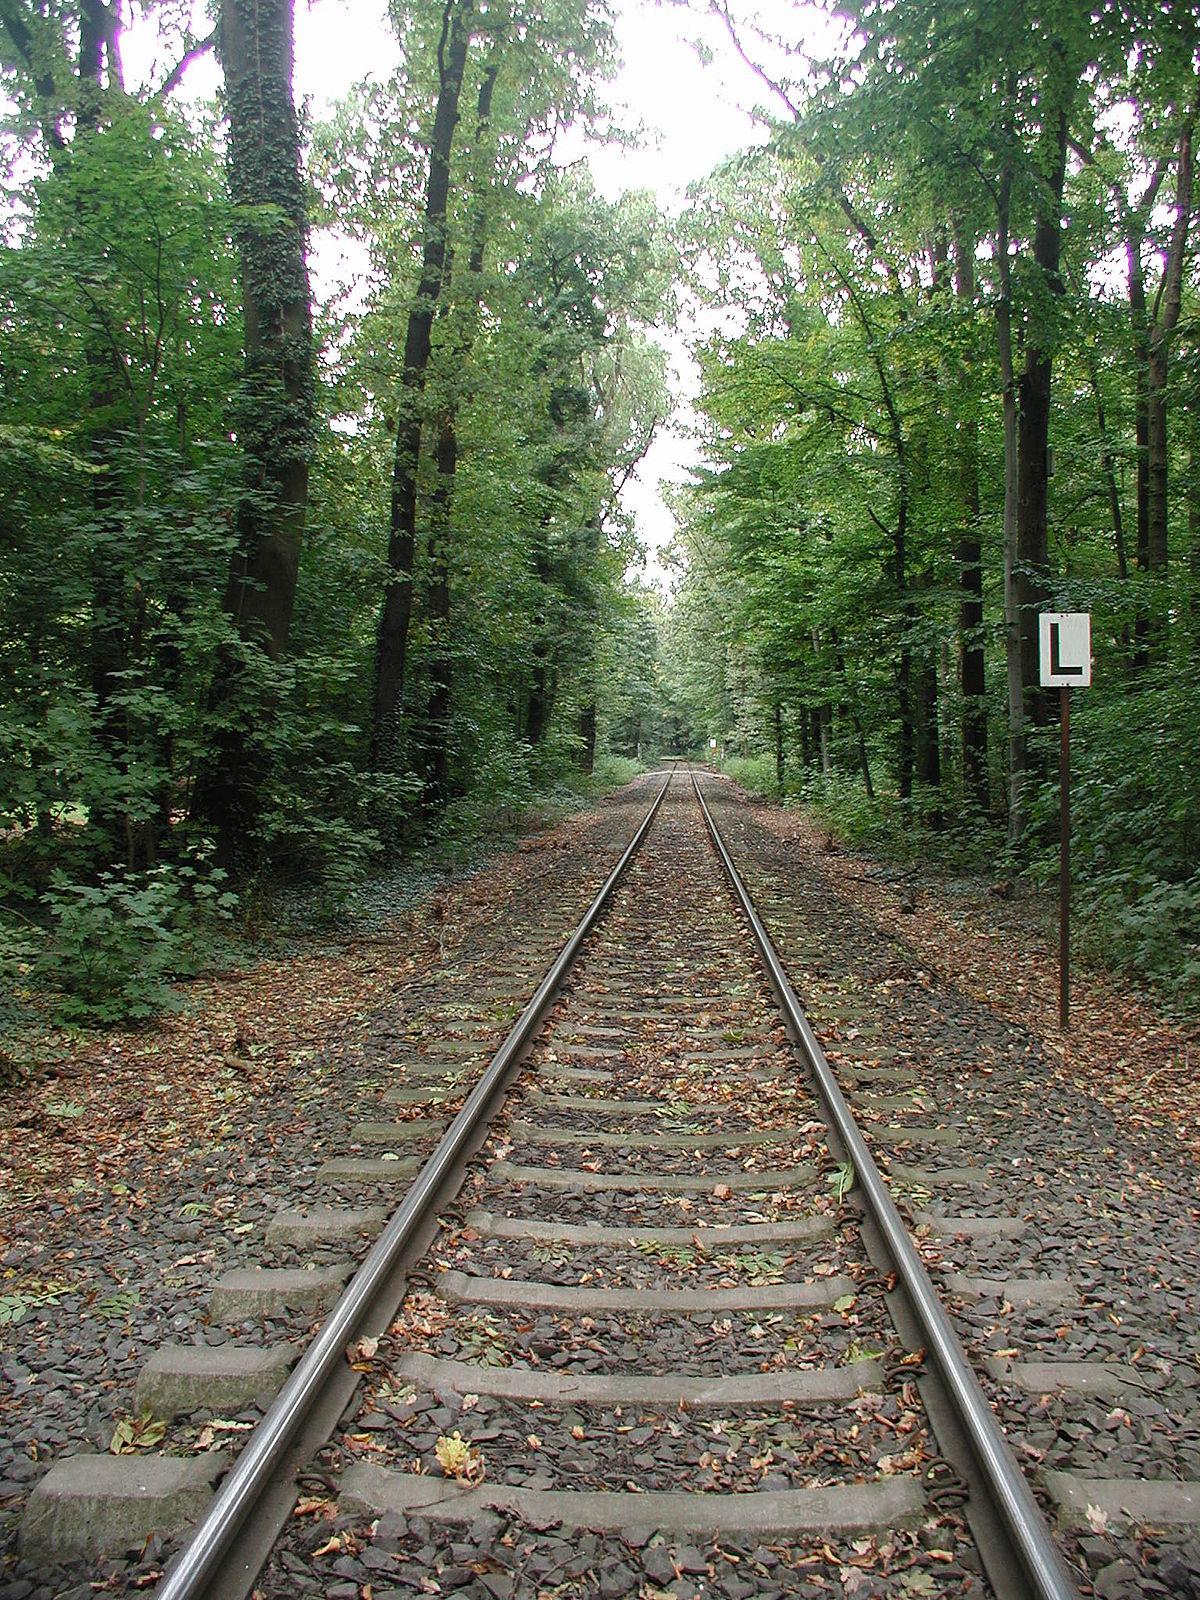 Binario ferroviario wikipedia for Come leggere la costruzione di progetti